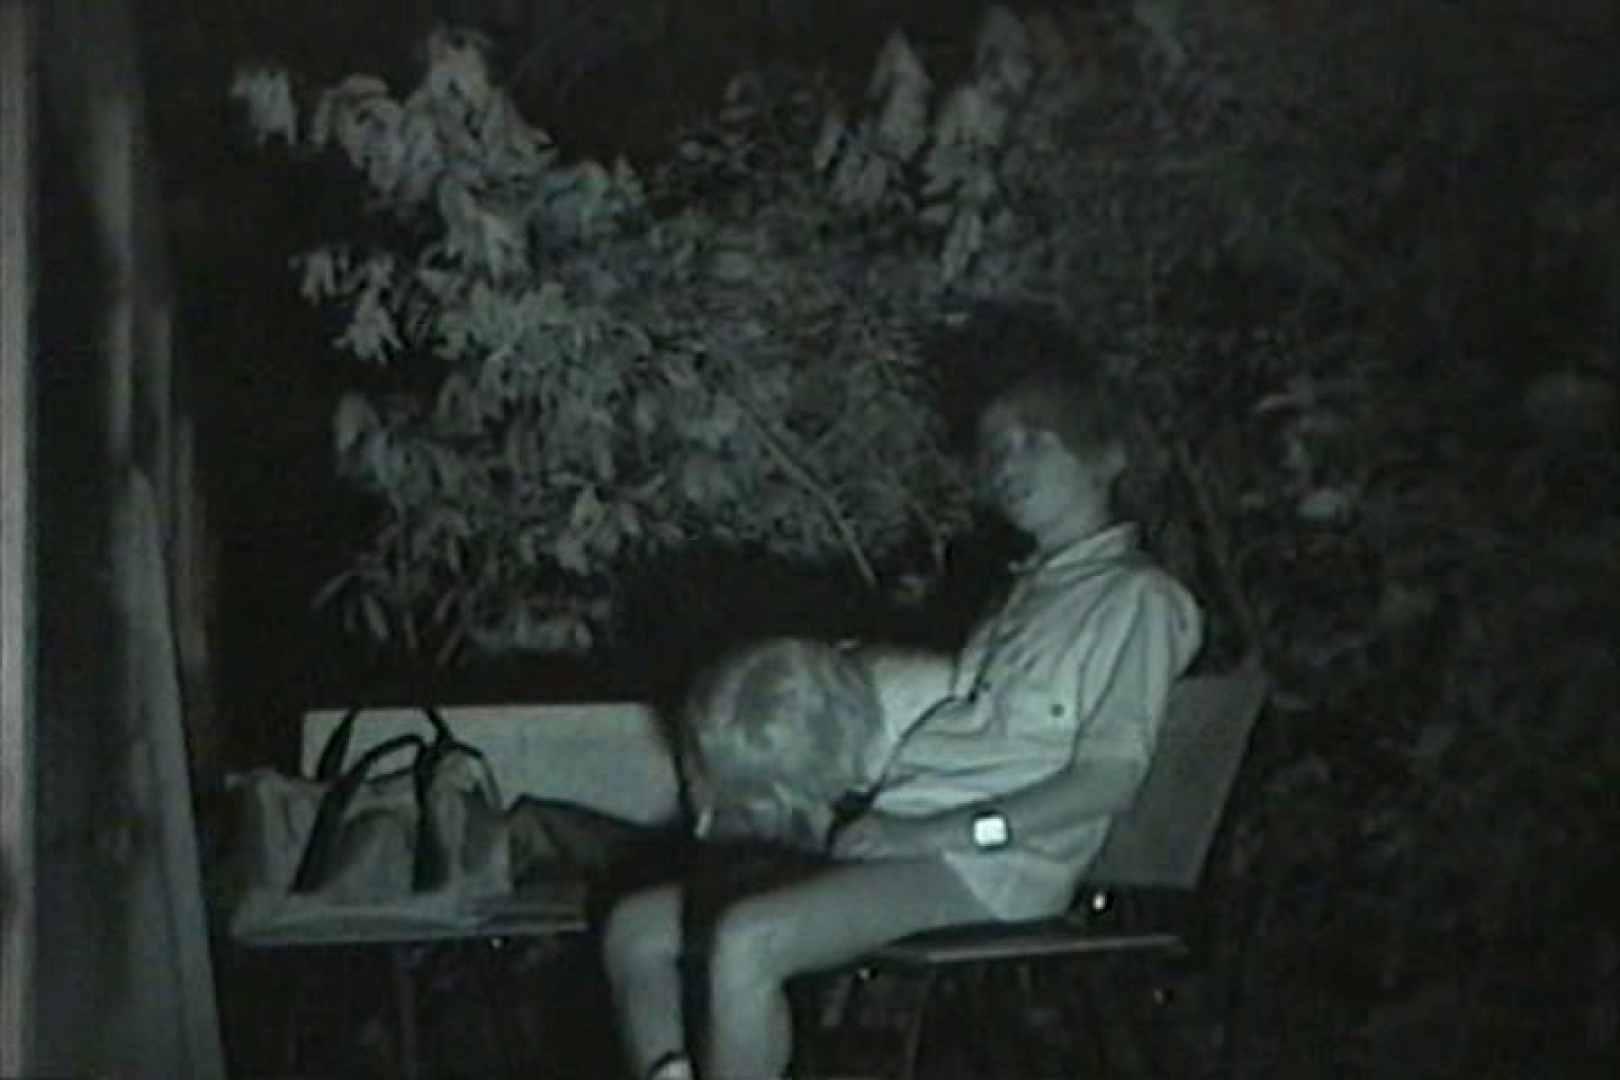 闇の仕掛け人 無修正版 Vol.24 カップル オメコ動画キャプチャ 101pic 72